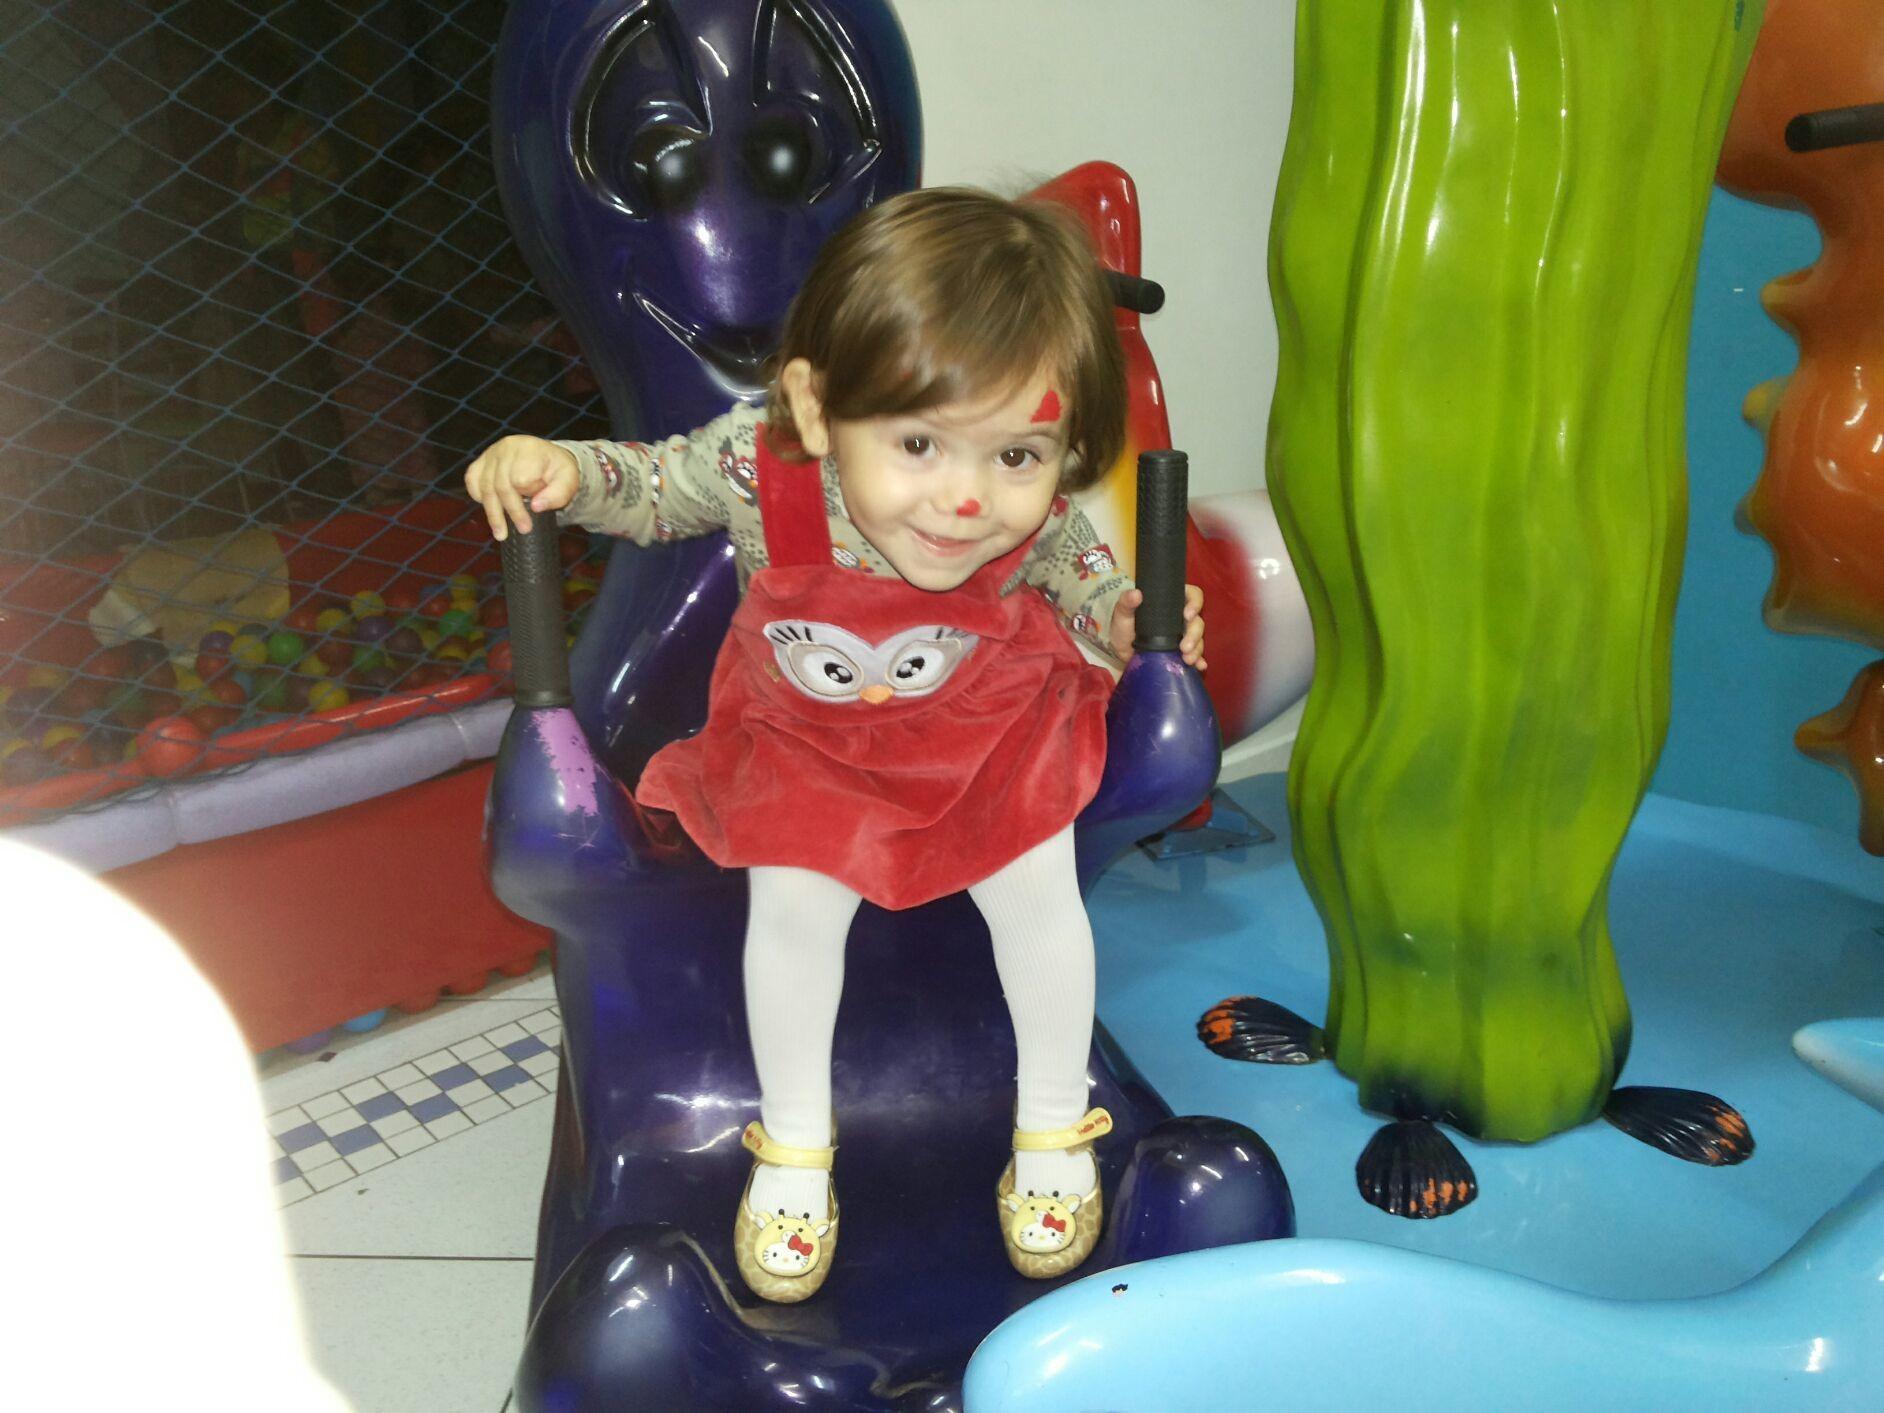 ♥♥♥Minha princesa!!! Te amo♥♥♥